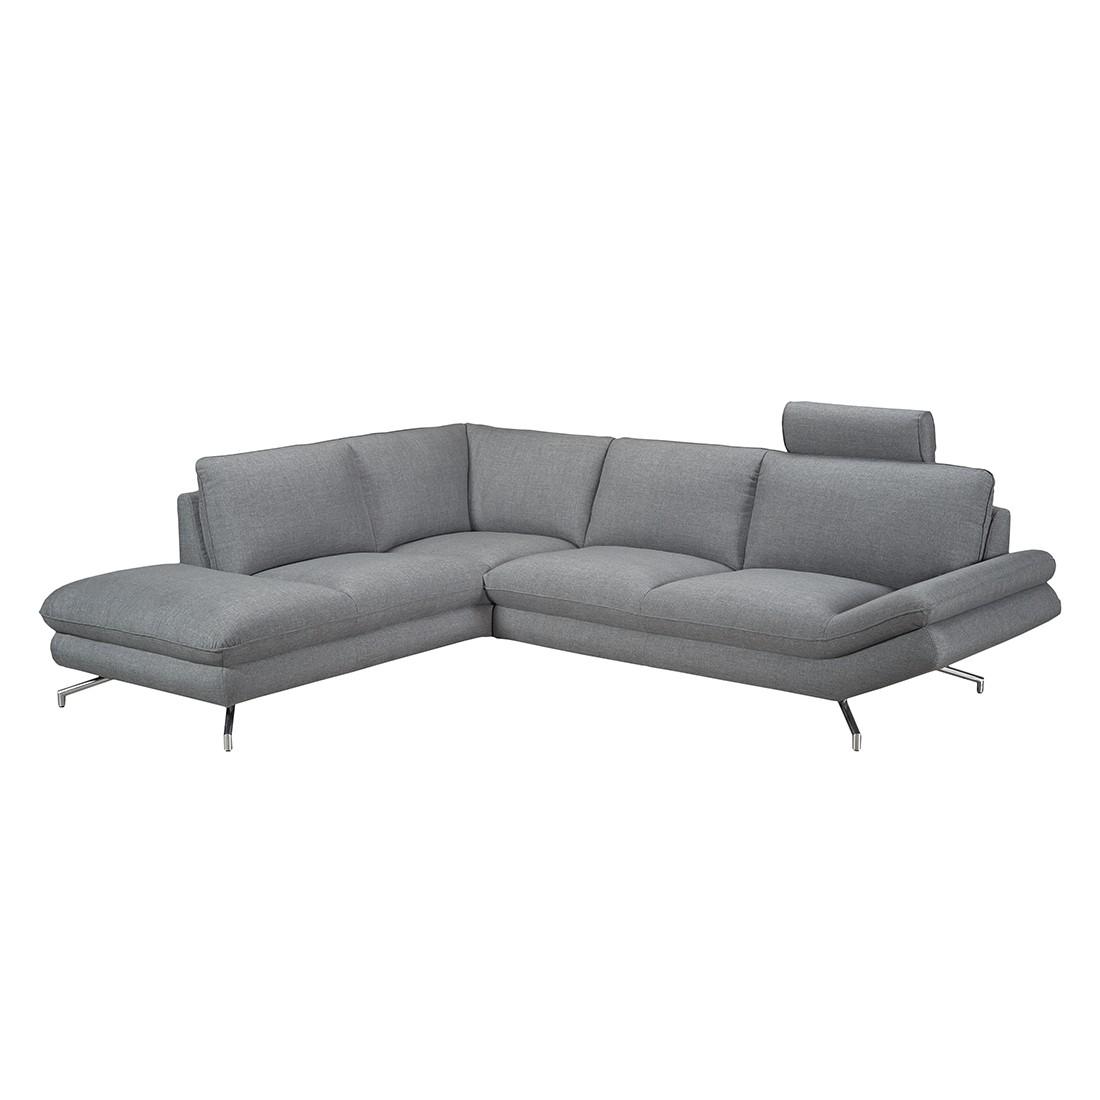 Canapé d'angle Sharon